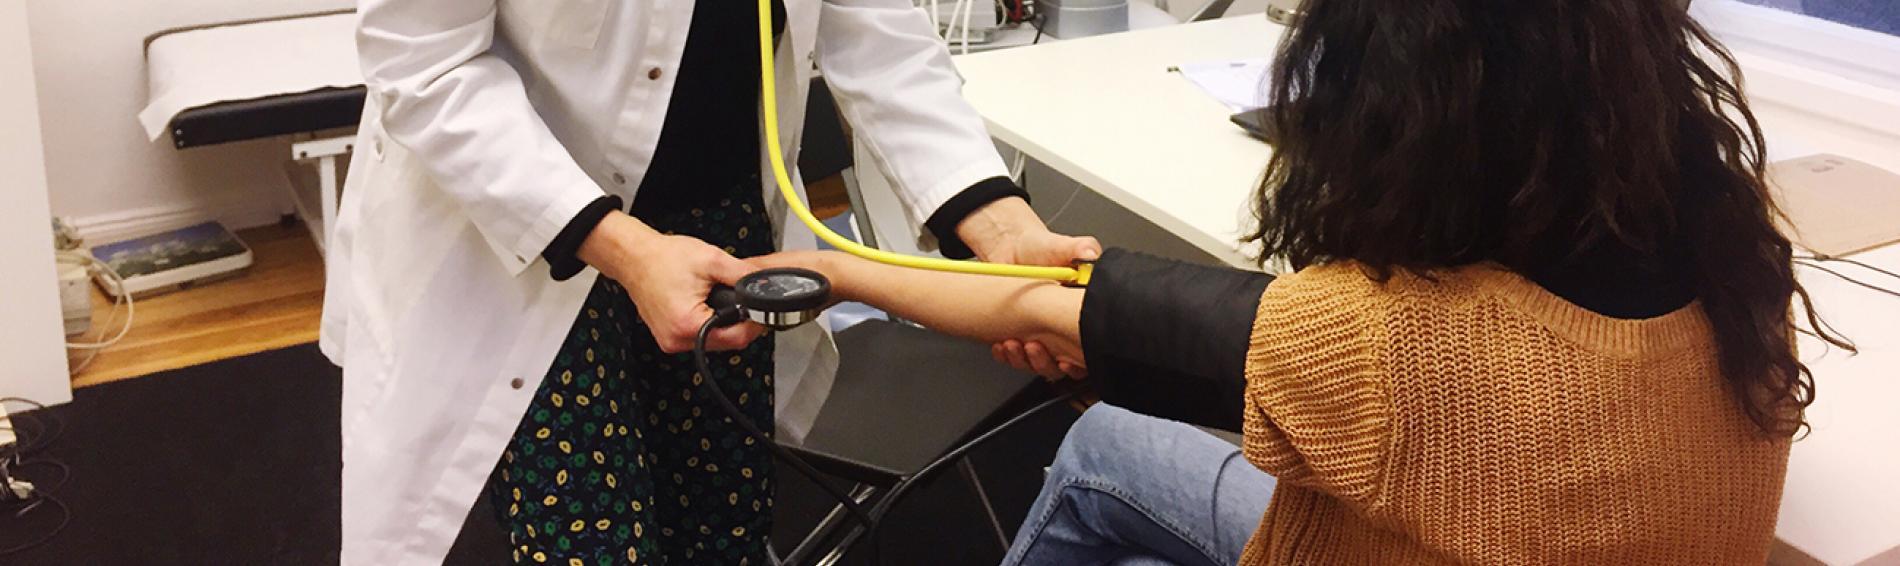 Ärztin behandelt Patientin in medizinischer Anlaufstelle